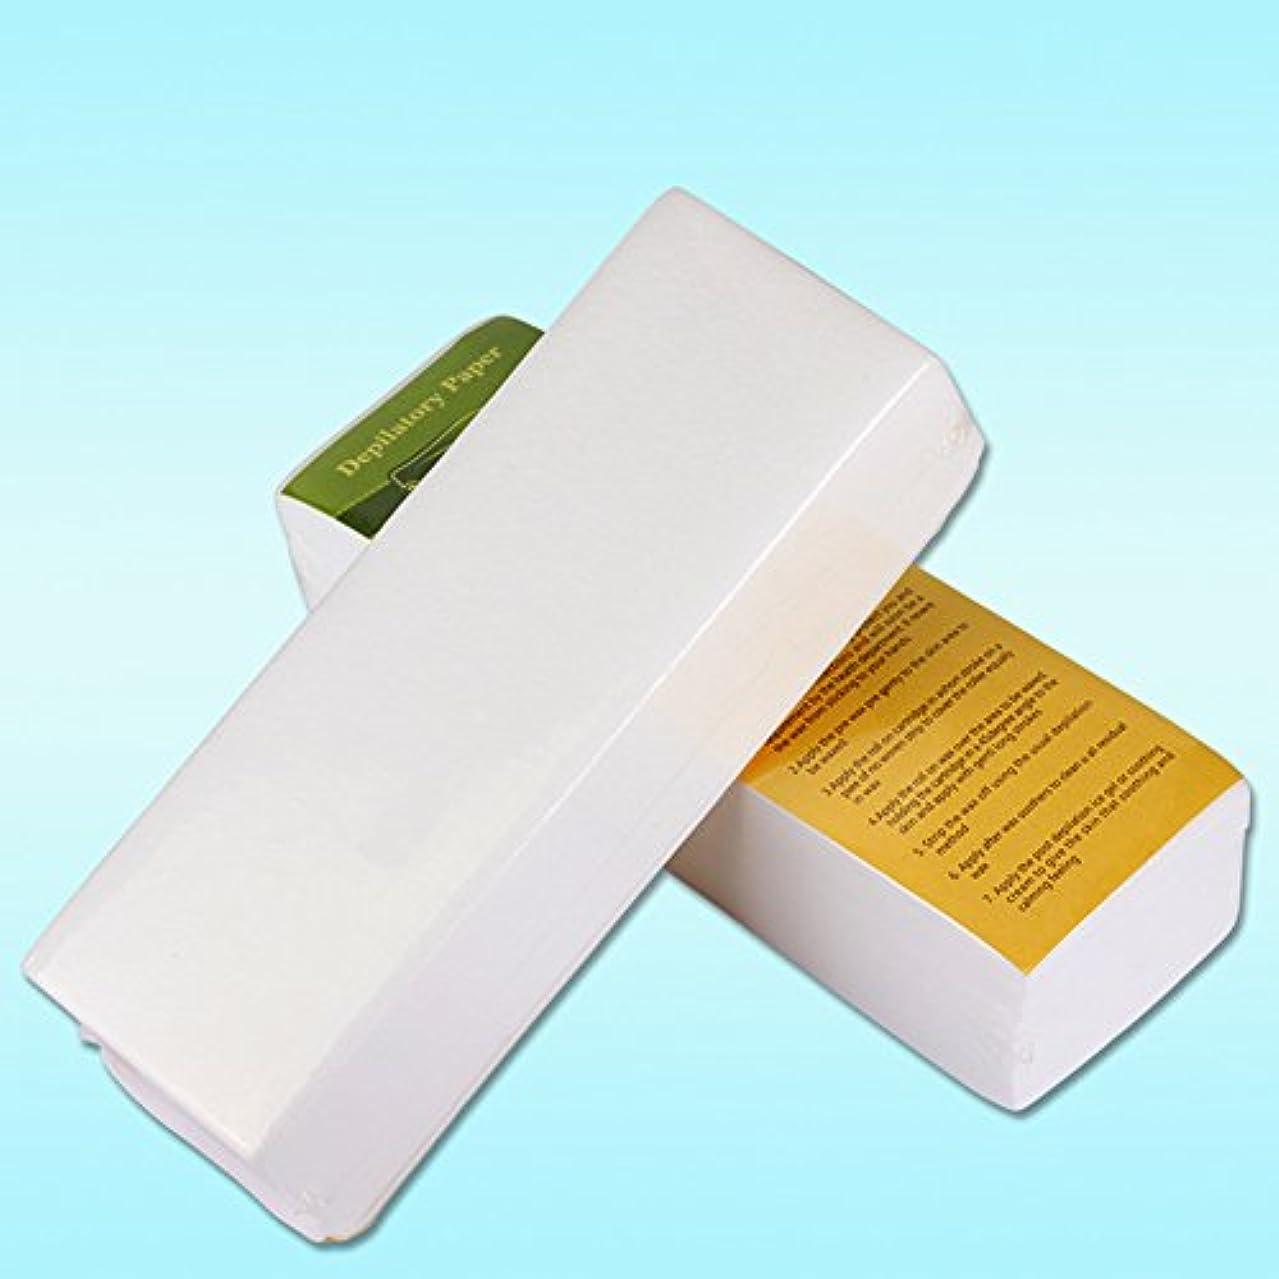 電気陽性タイトルできるRabugoo 100個/セット使い捨て不織布ティッシュシェービング脱毛蜜蝋脱毛紙